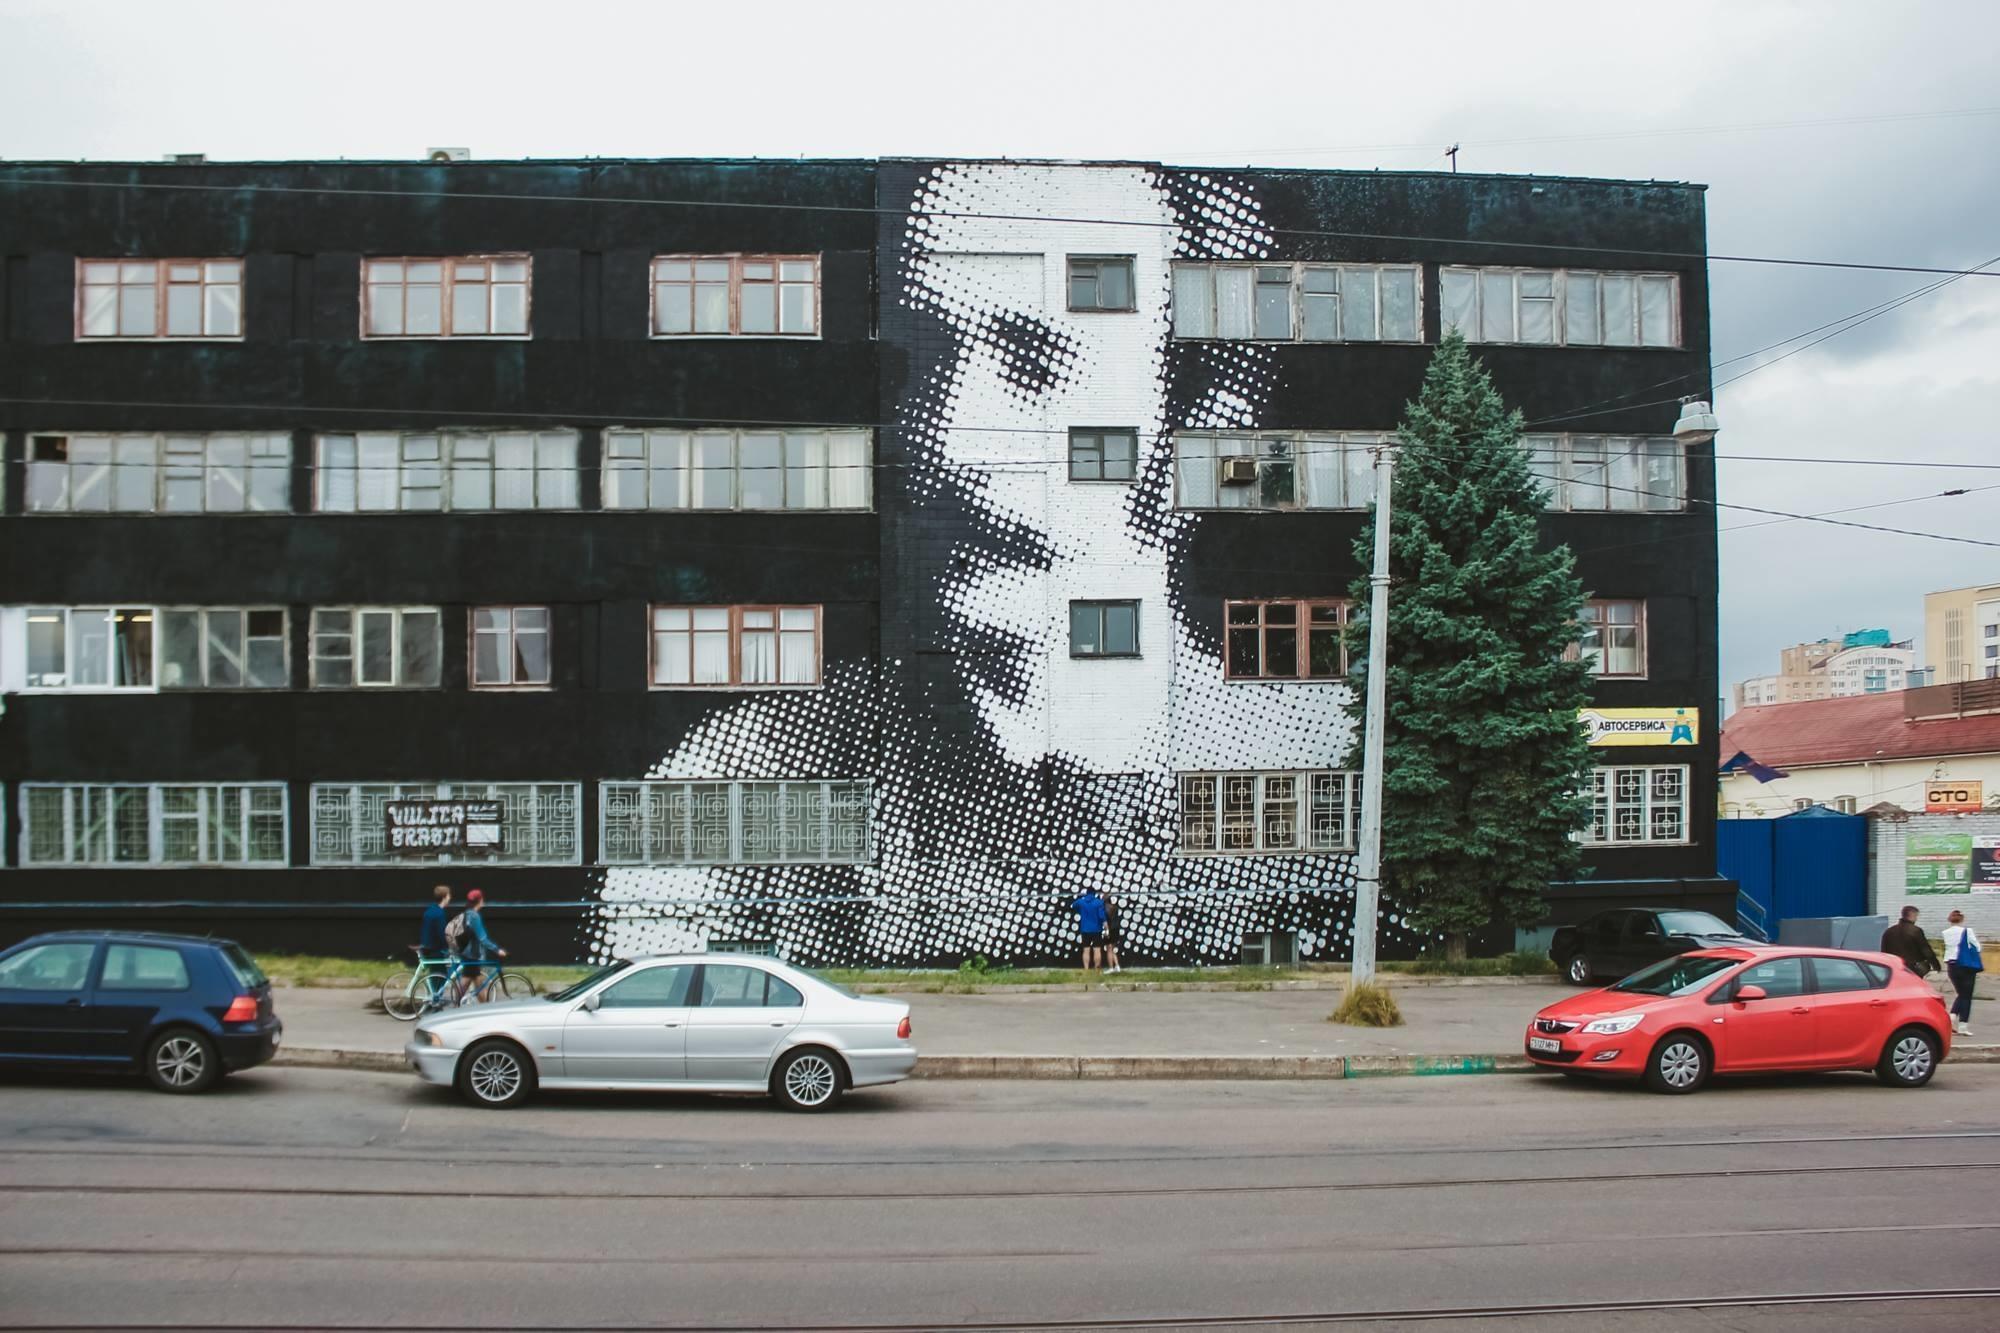 Граффити-портрет графа Чапского на ул. Октябрьская. Фото: Анастасия Рогатко